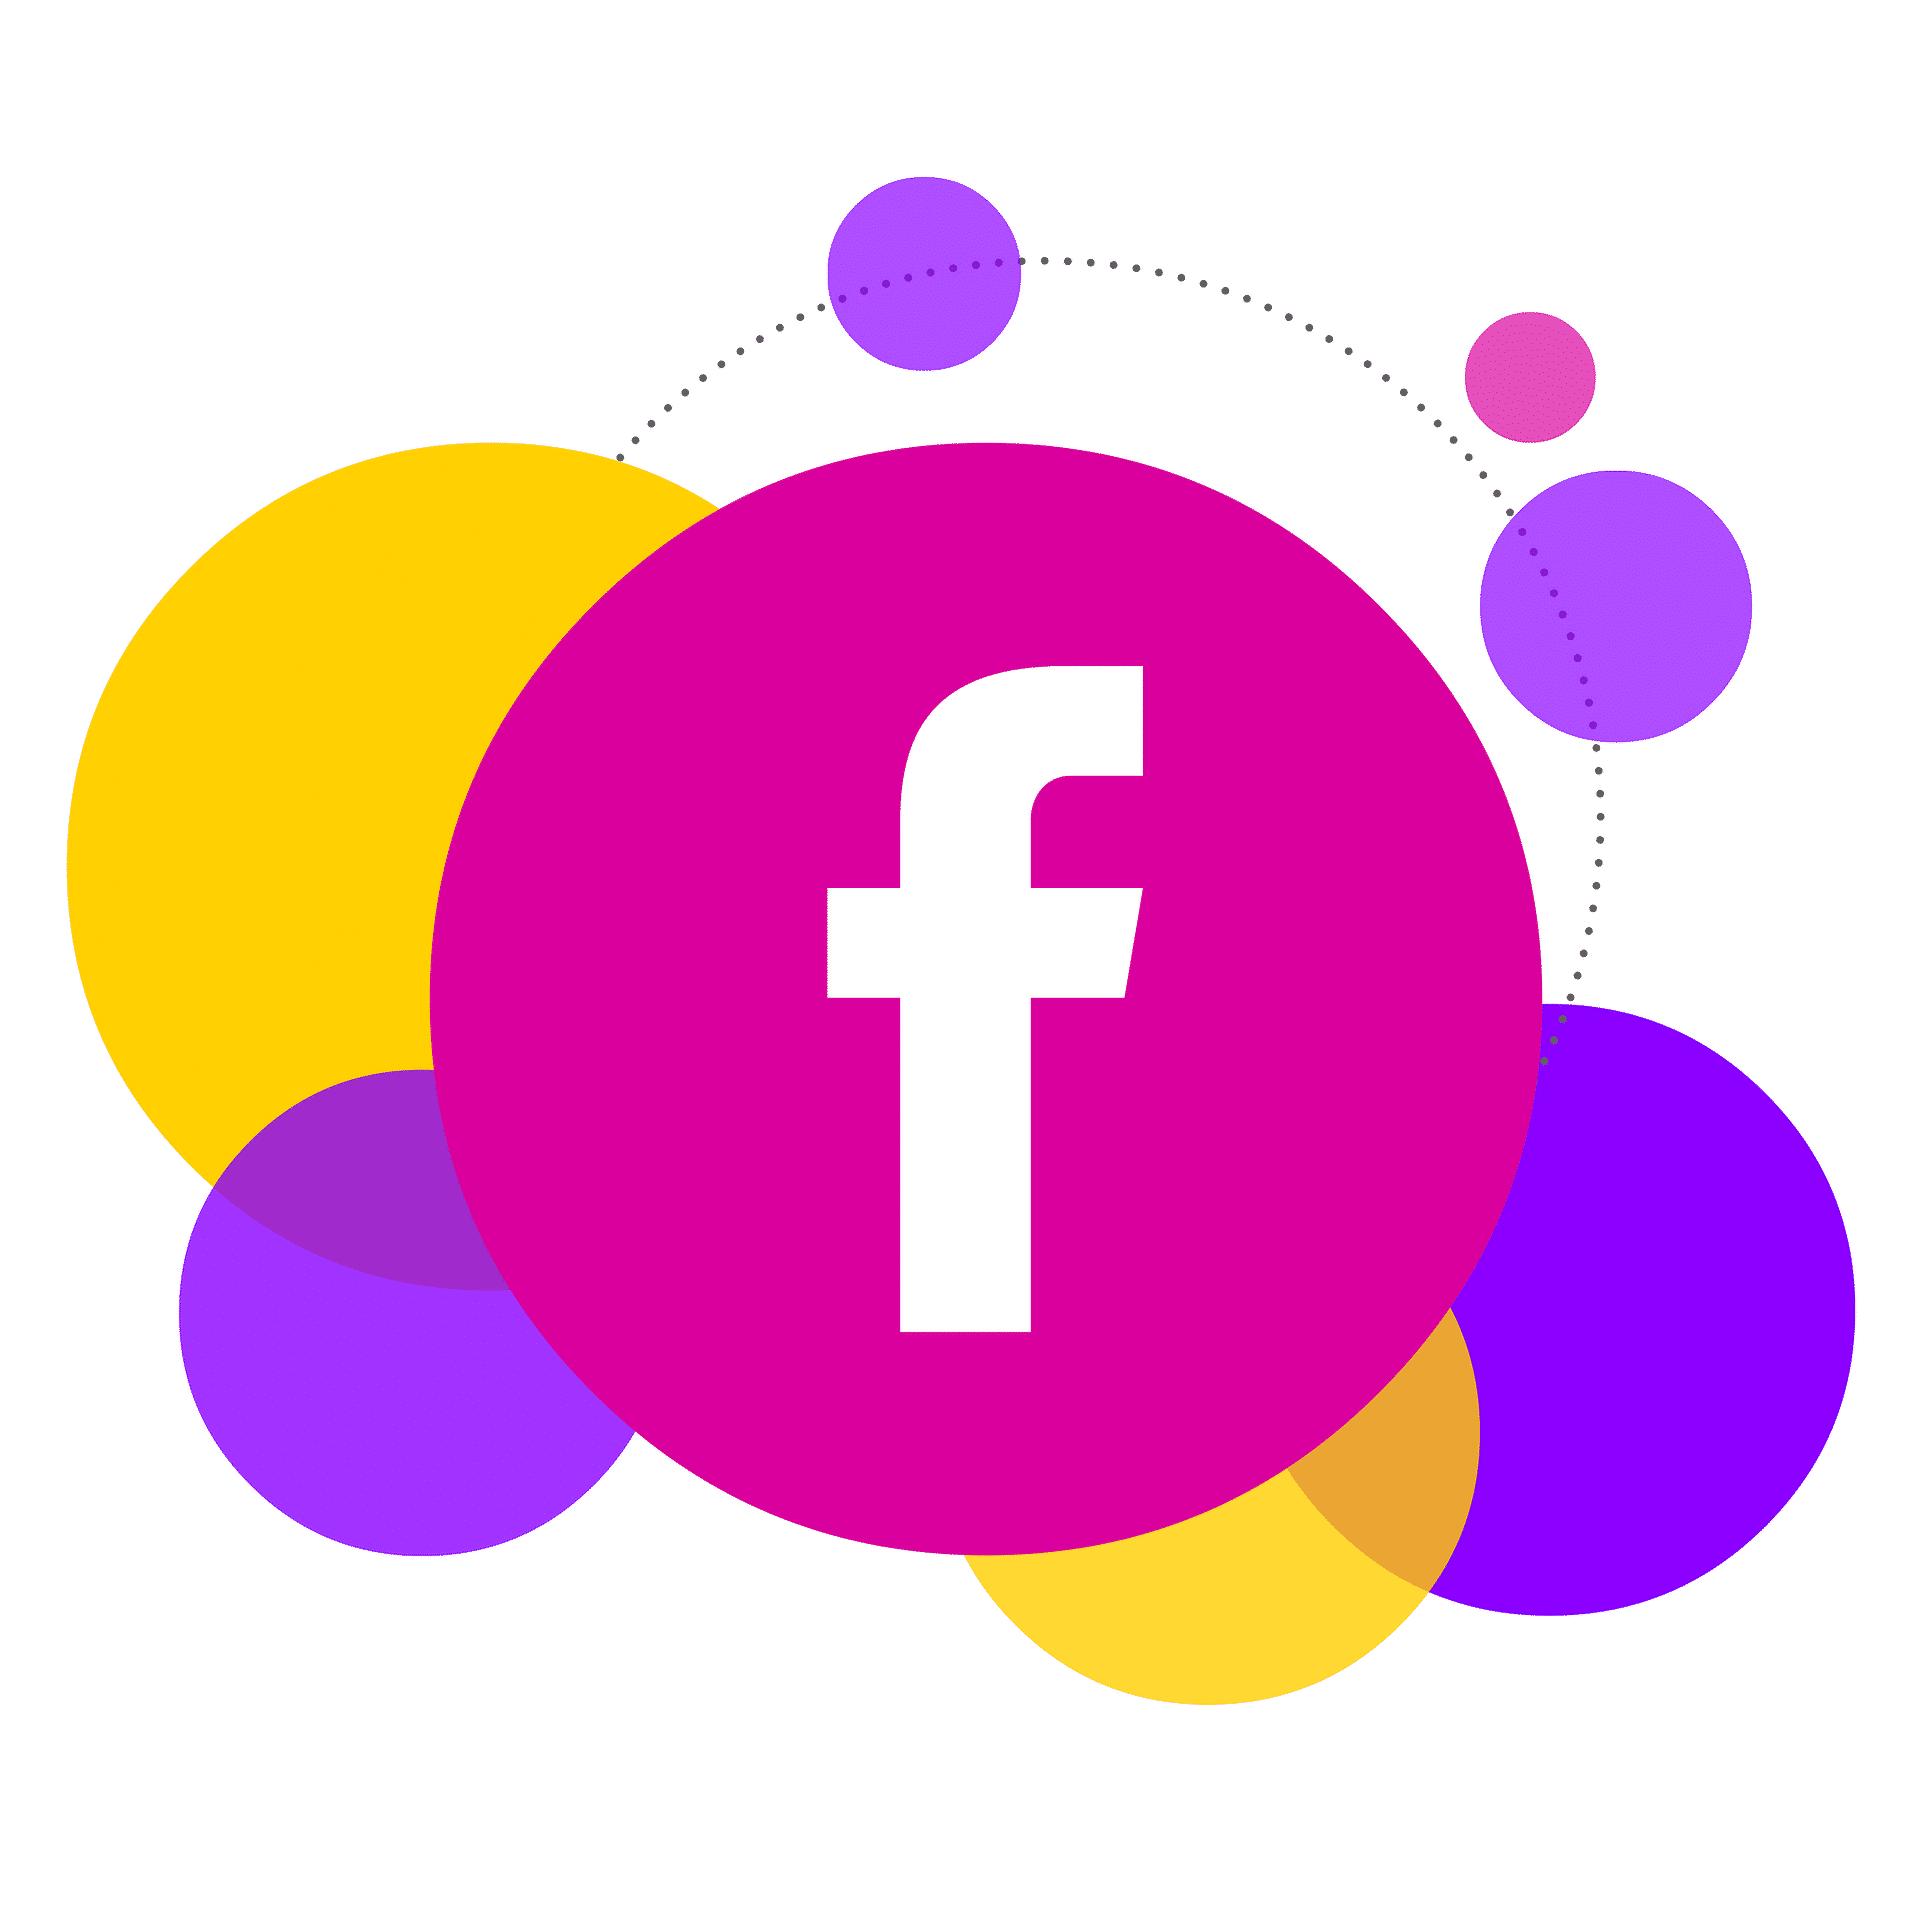 facebook social media platform